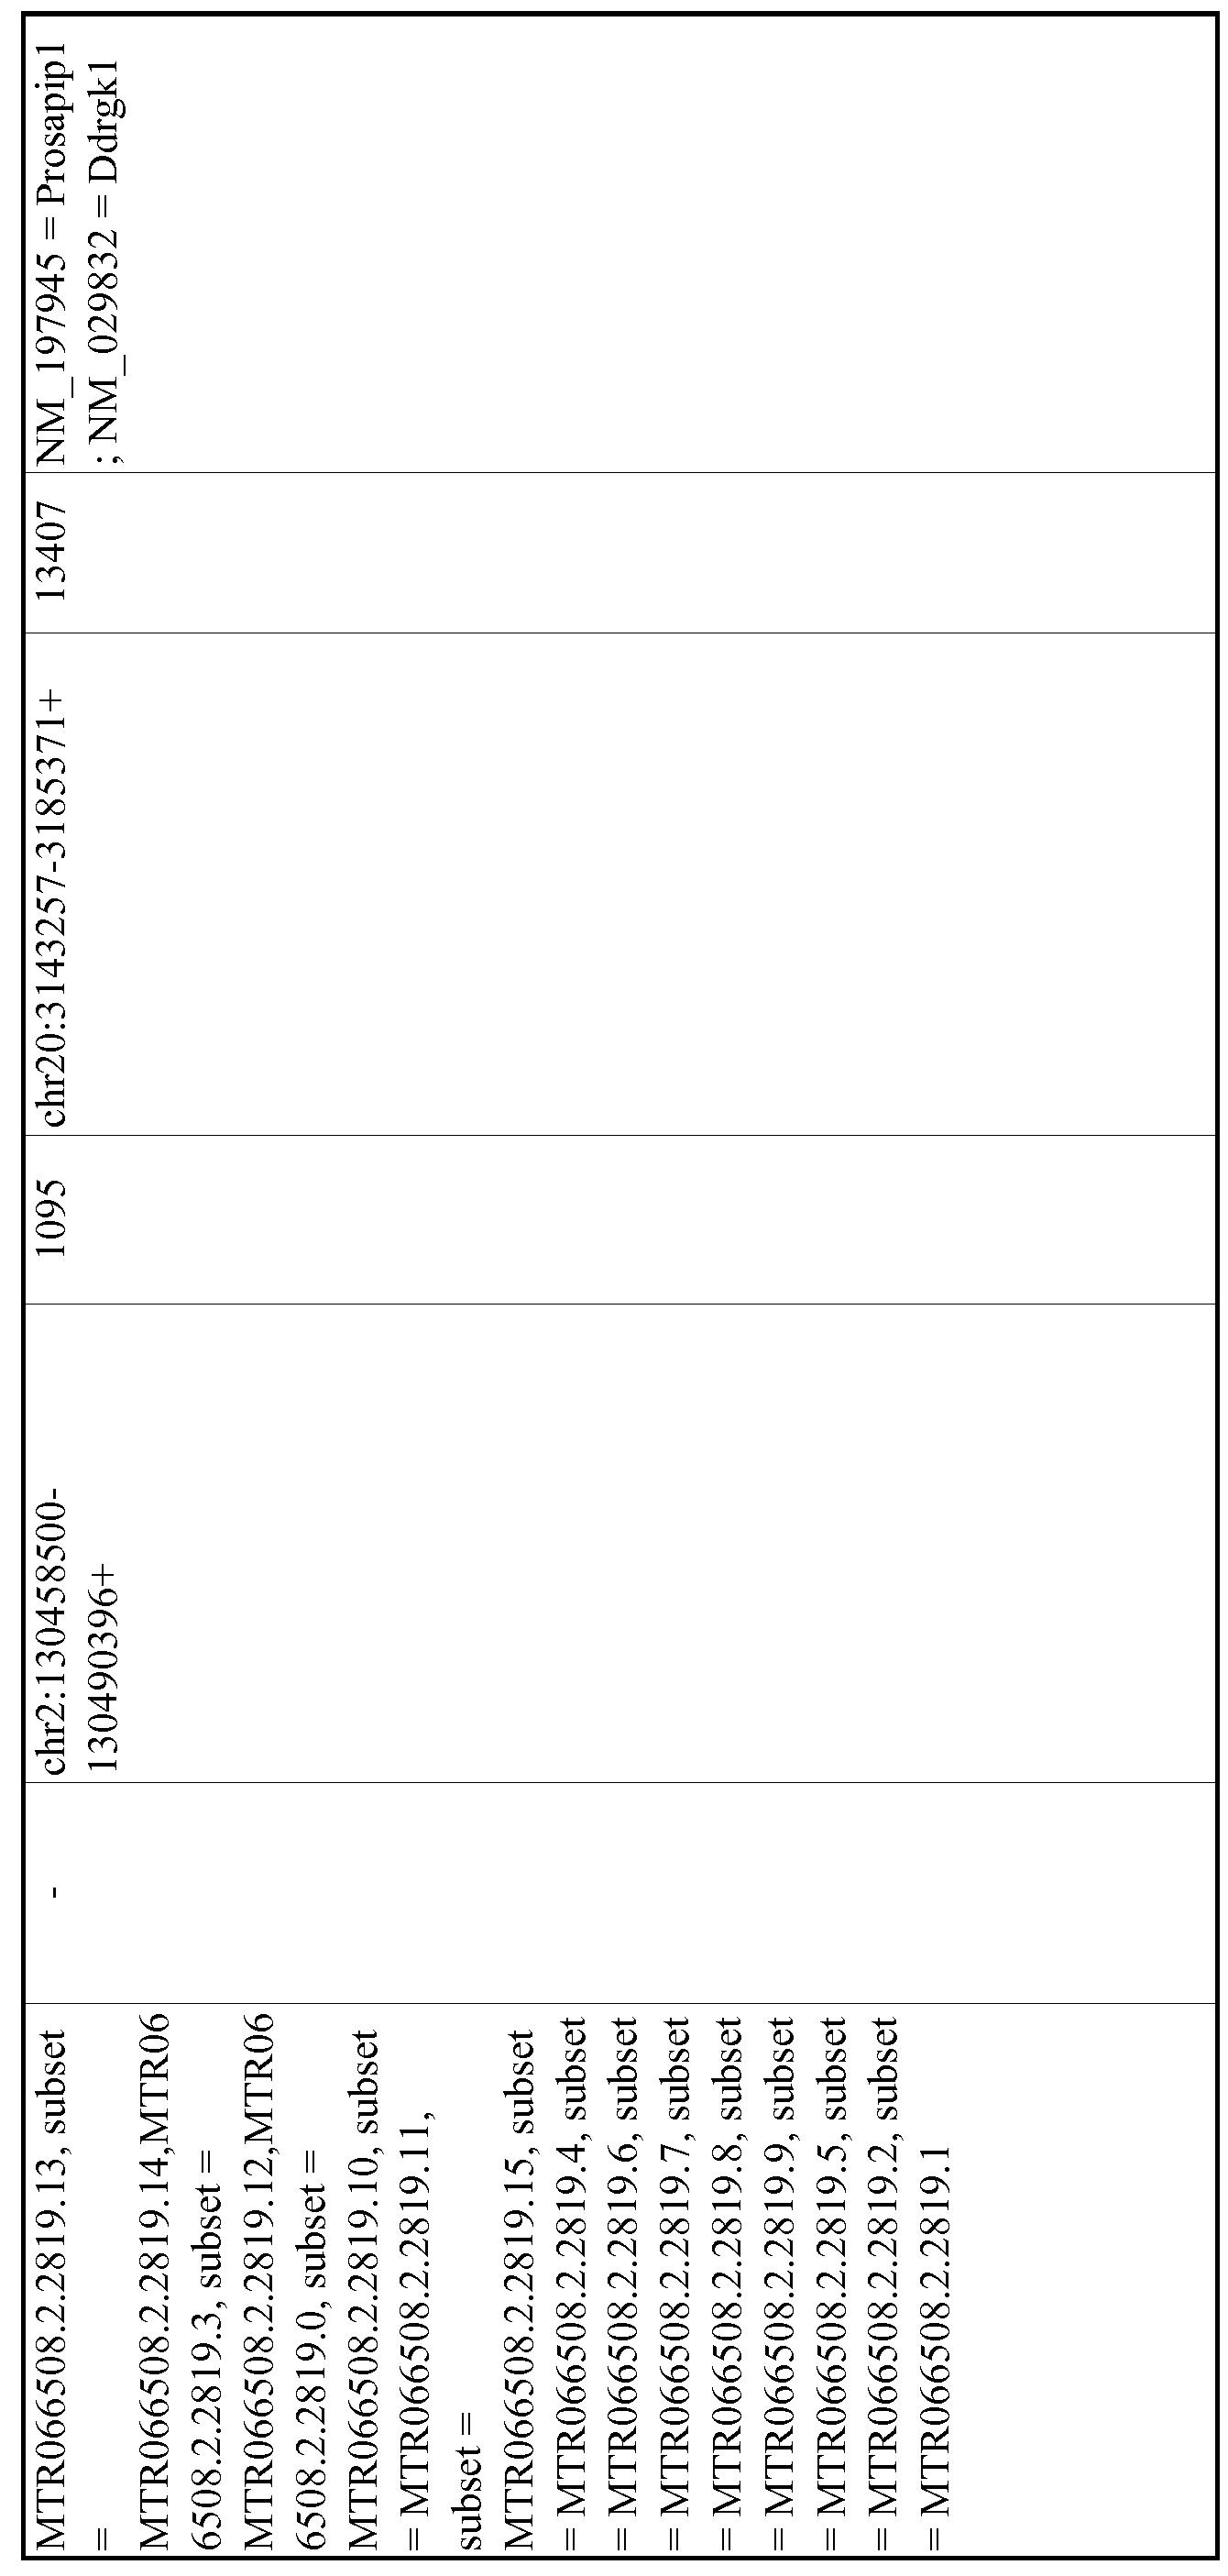 Figure imgf000324_0002